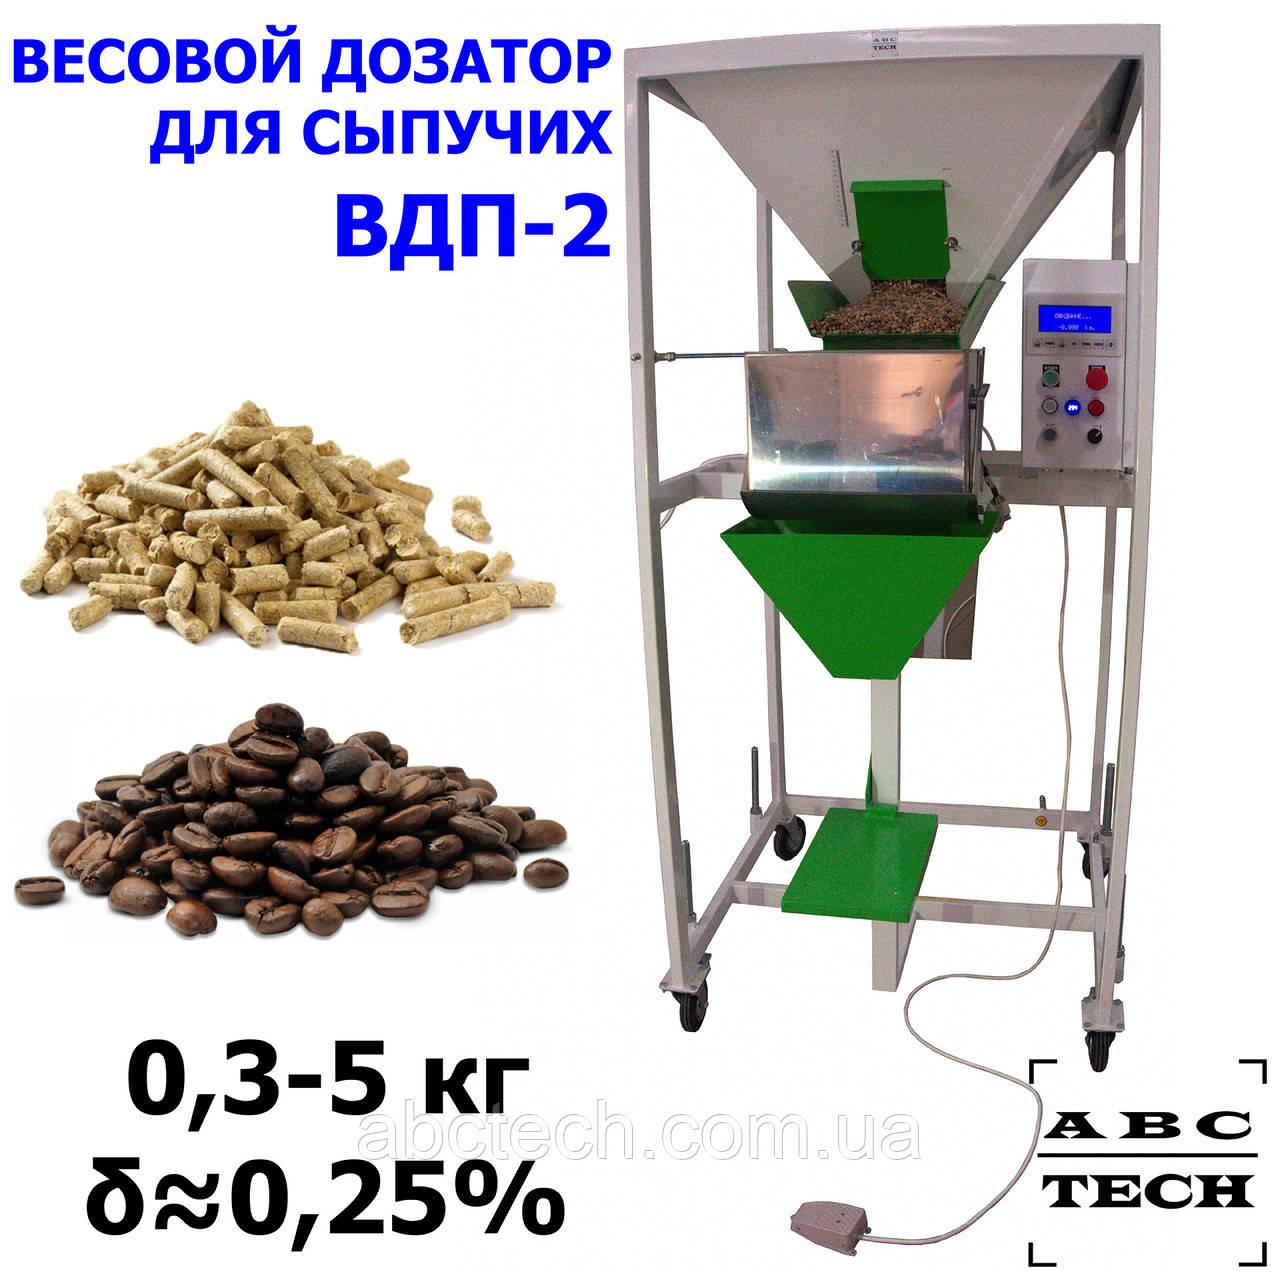 Дозатор ваговий ковшова 300г-5 кг ВДП-2